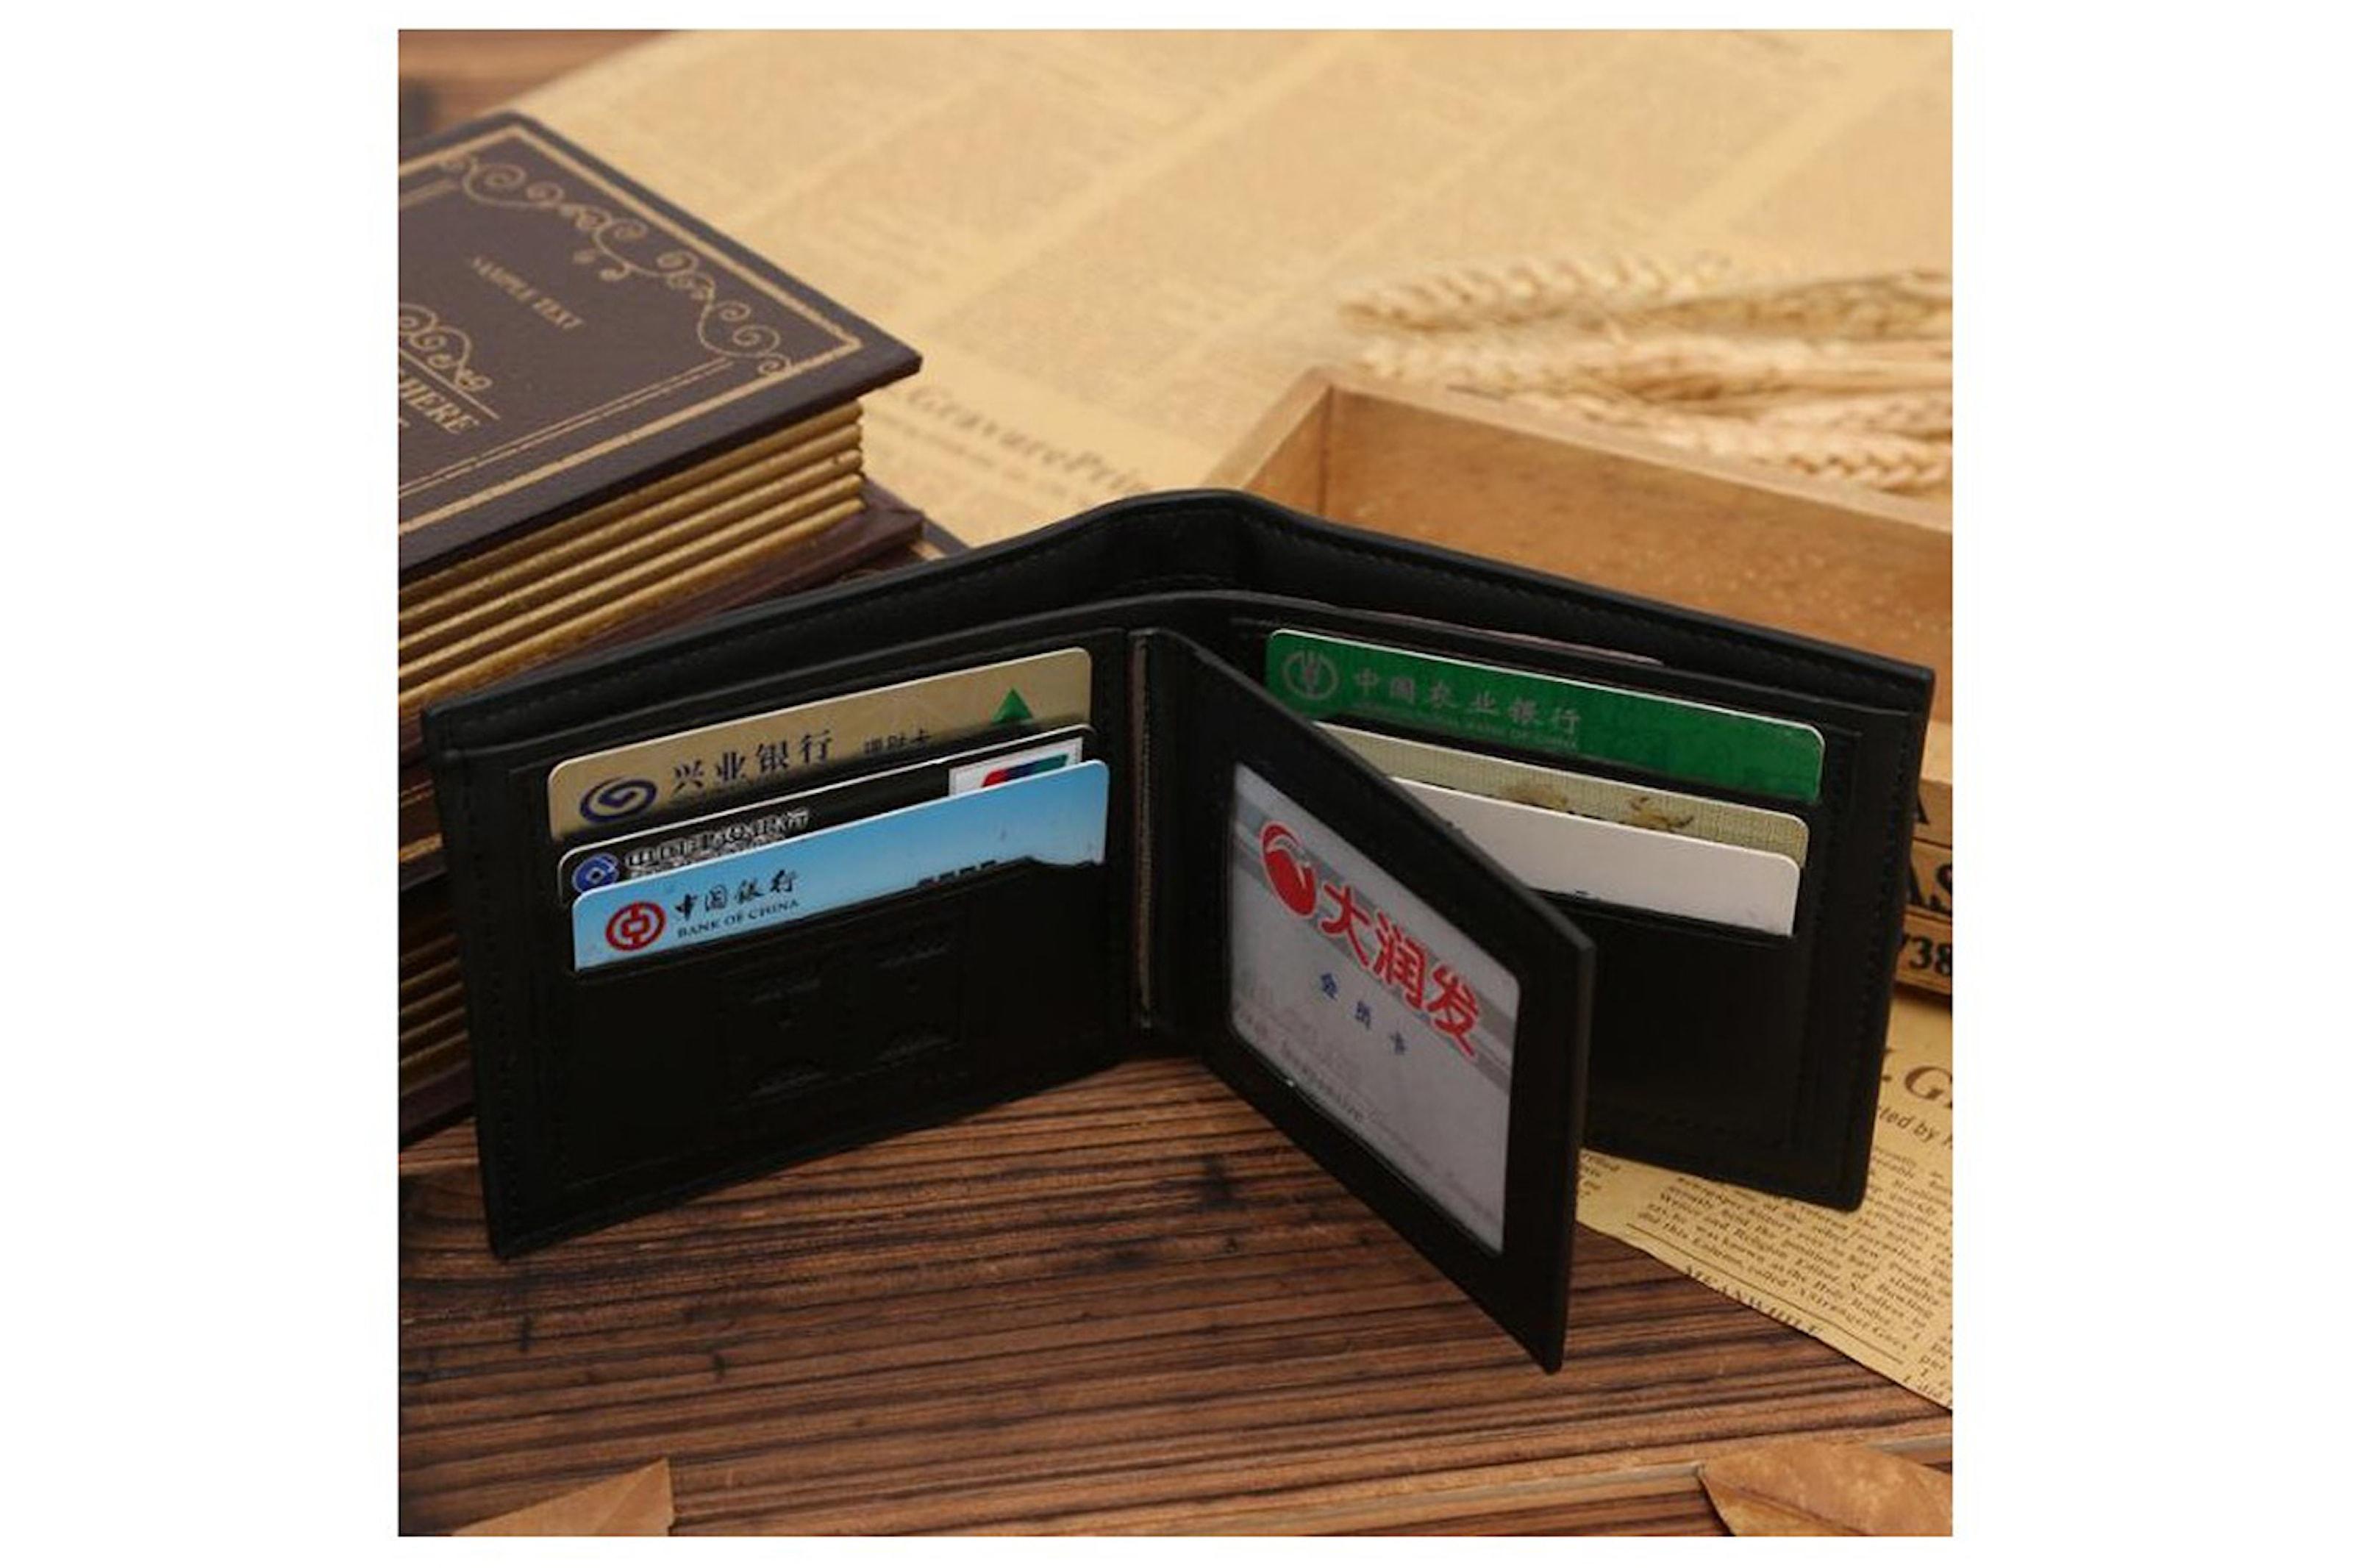 JBL plånbok